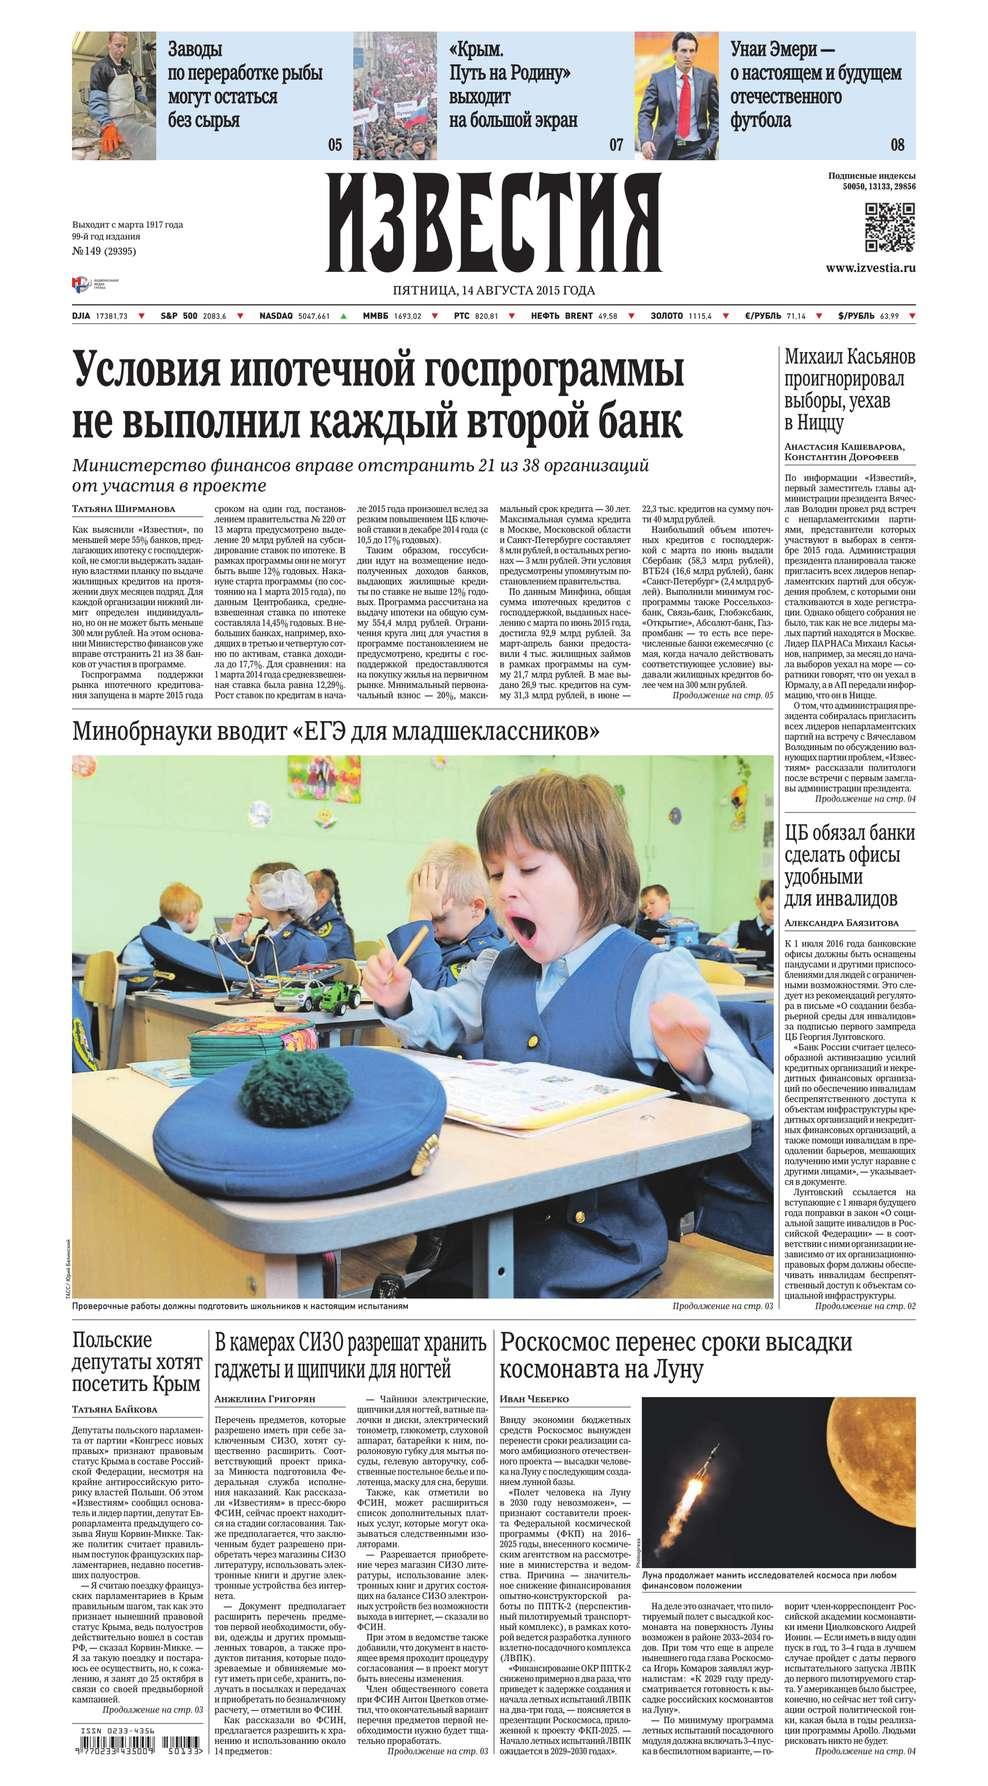 Редакция газеты Известия Известия 149-2015 цена